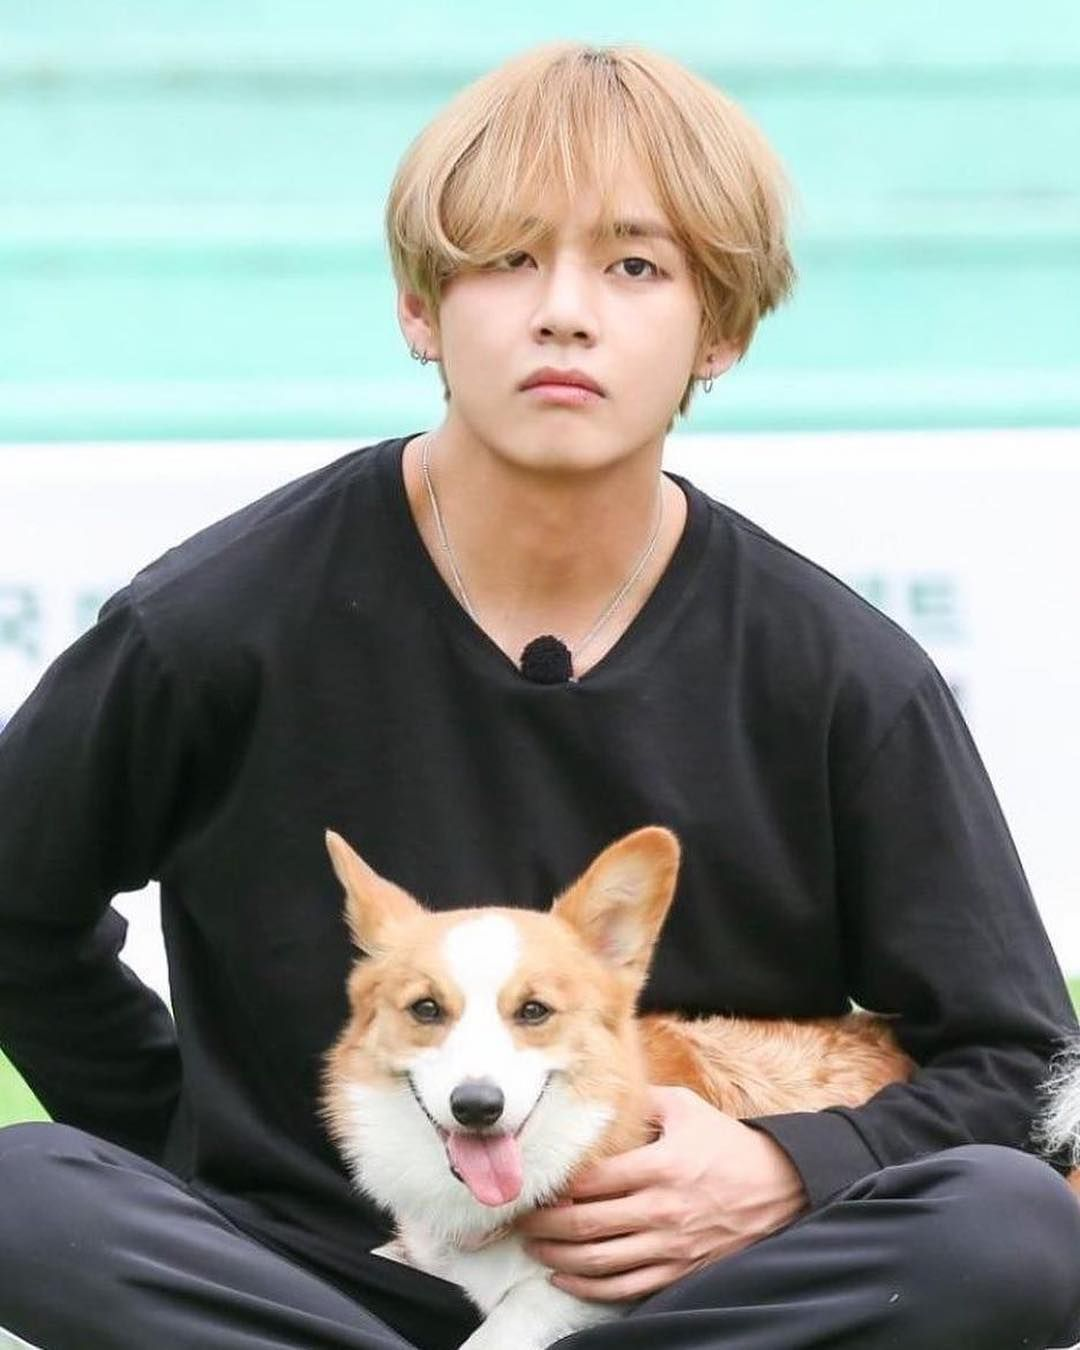 Do You Have Any Pet Bts Taehyung Taehyung Bts Jungkook